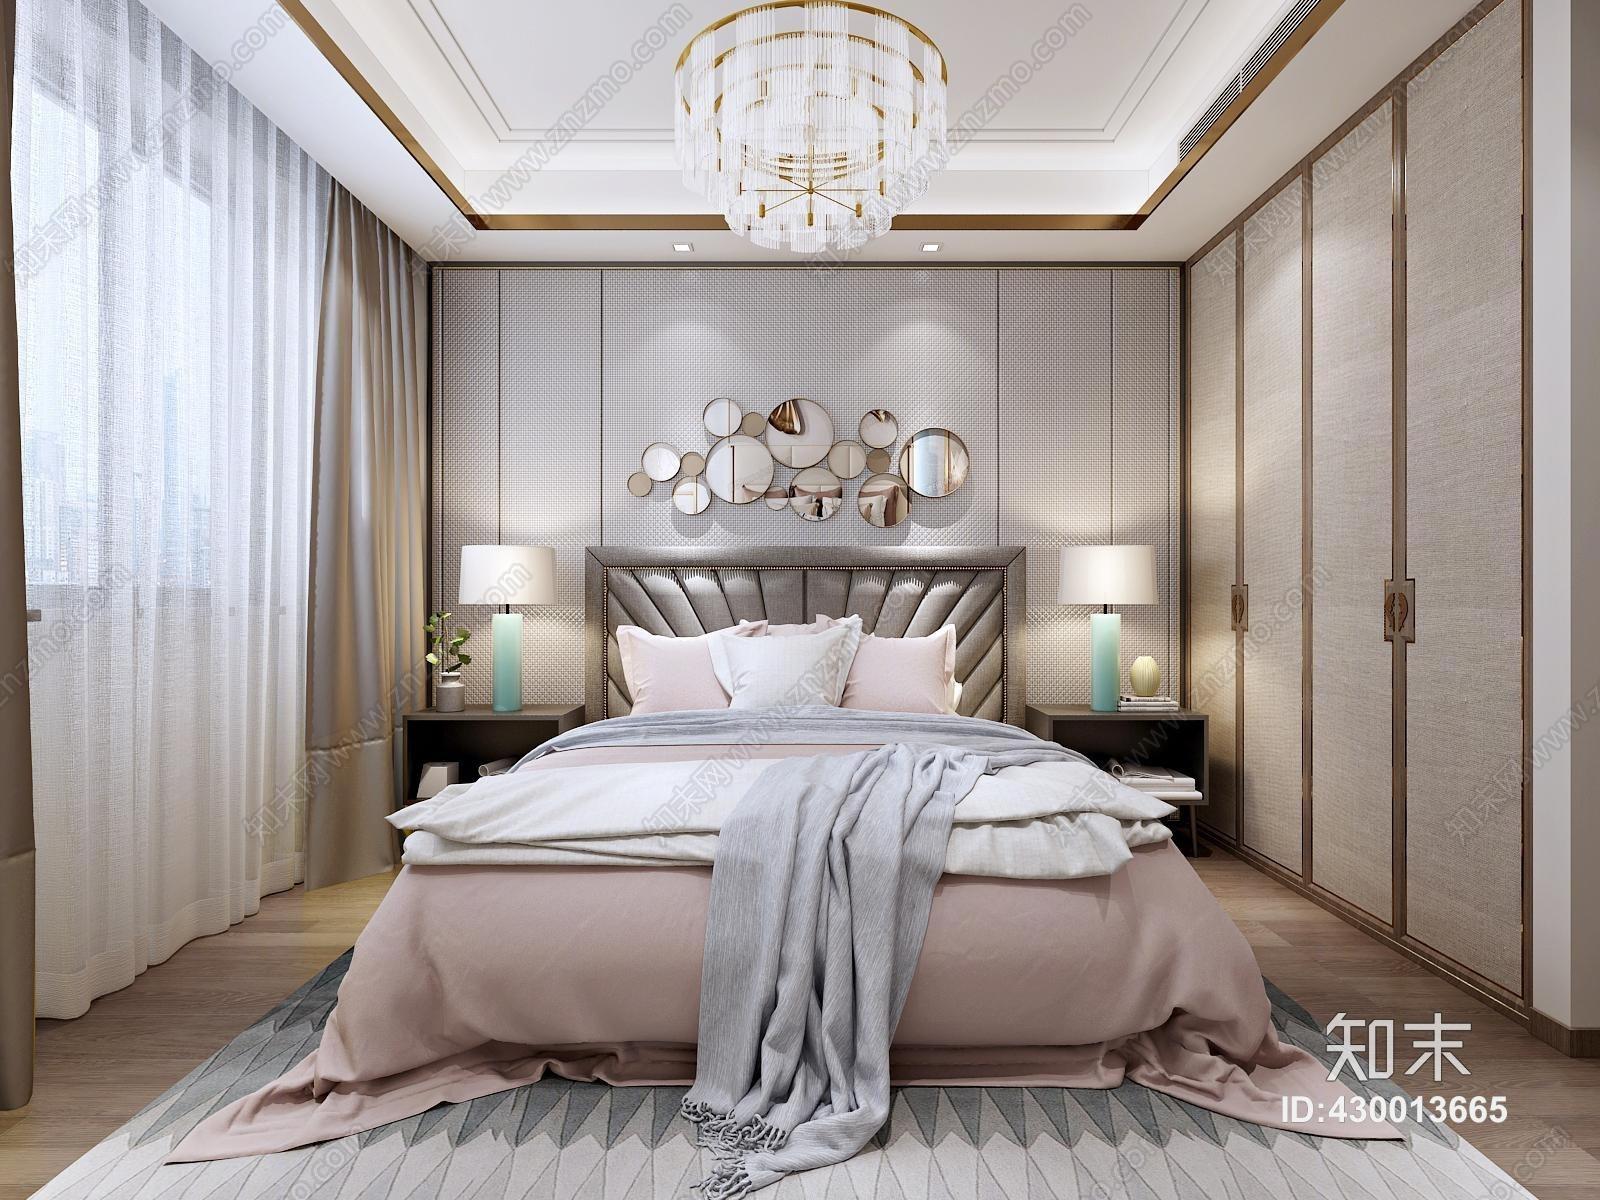 新中式 卧室 女儿房 双人床 单人床 床 床头柜 吊灯 壁灯